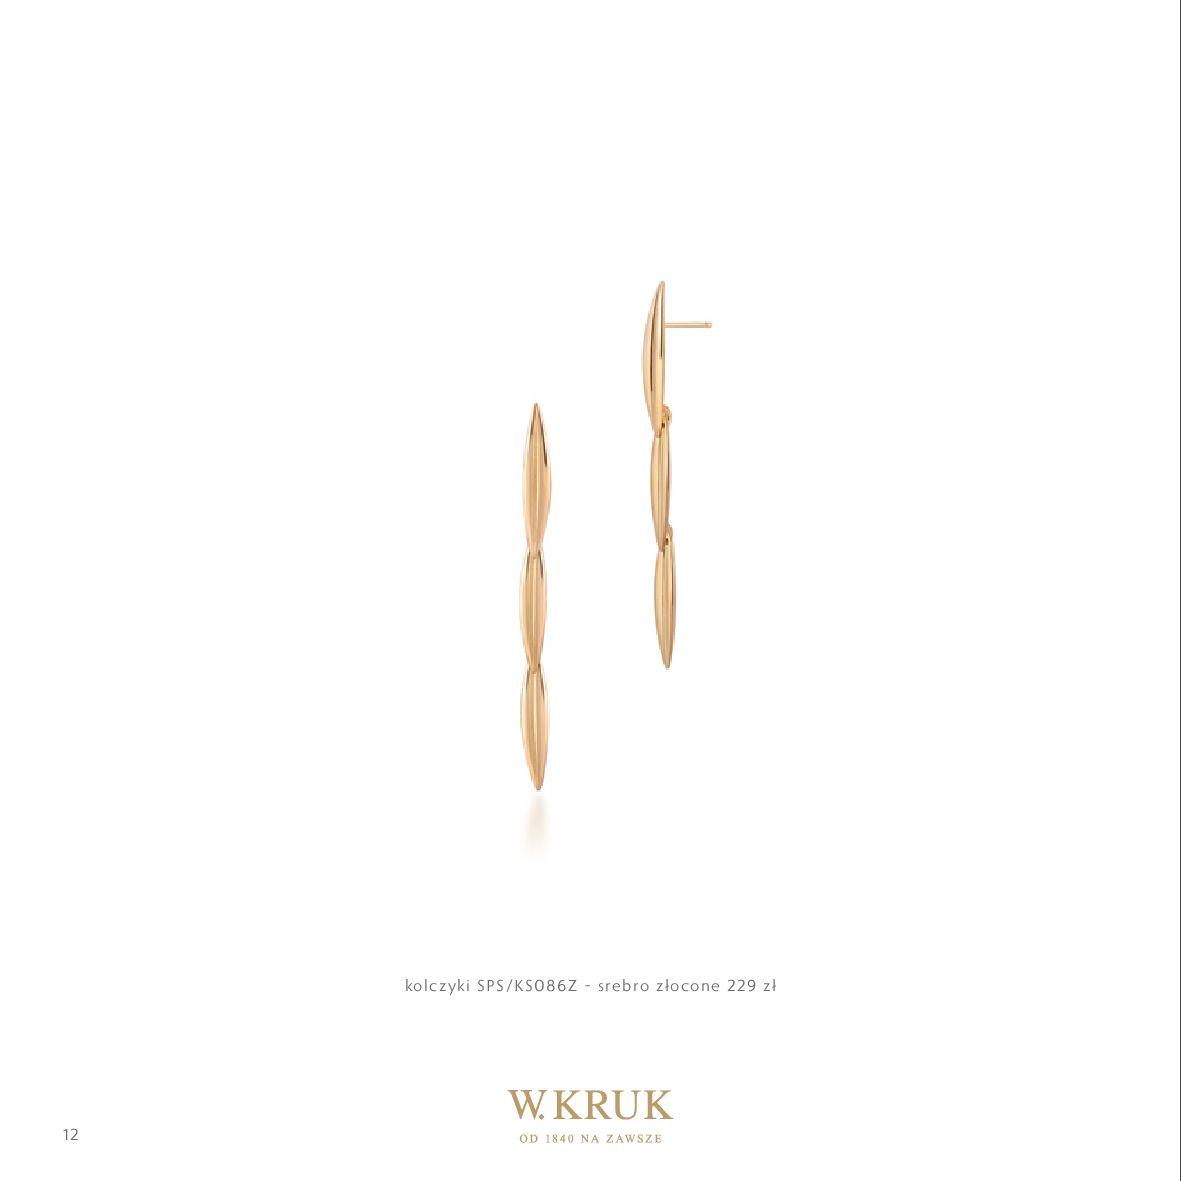 Gazetka W. KRUK: Katalog - Kolekcja Przyjaźń 2021-02-17 page-14